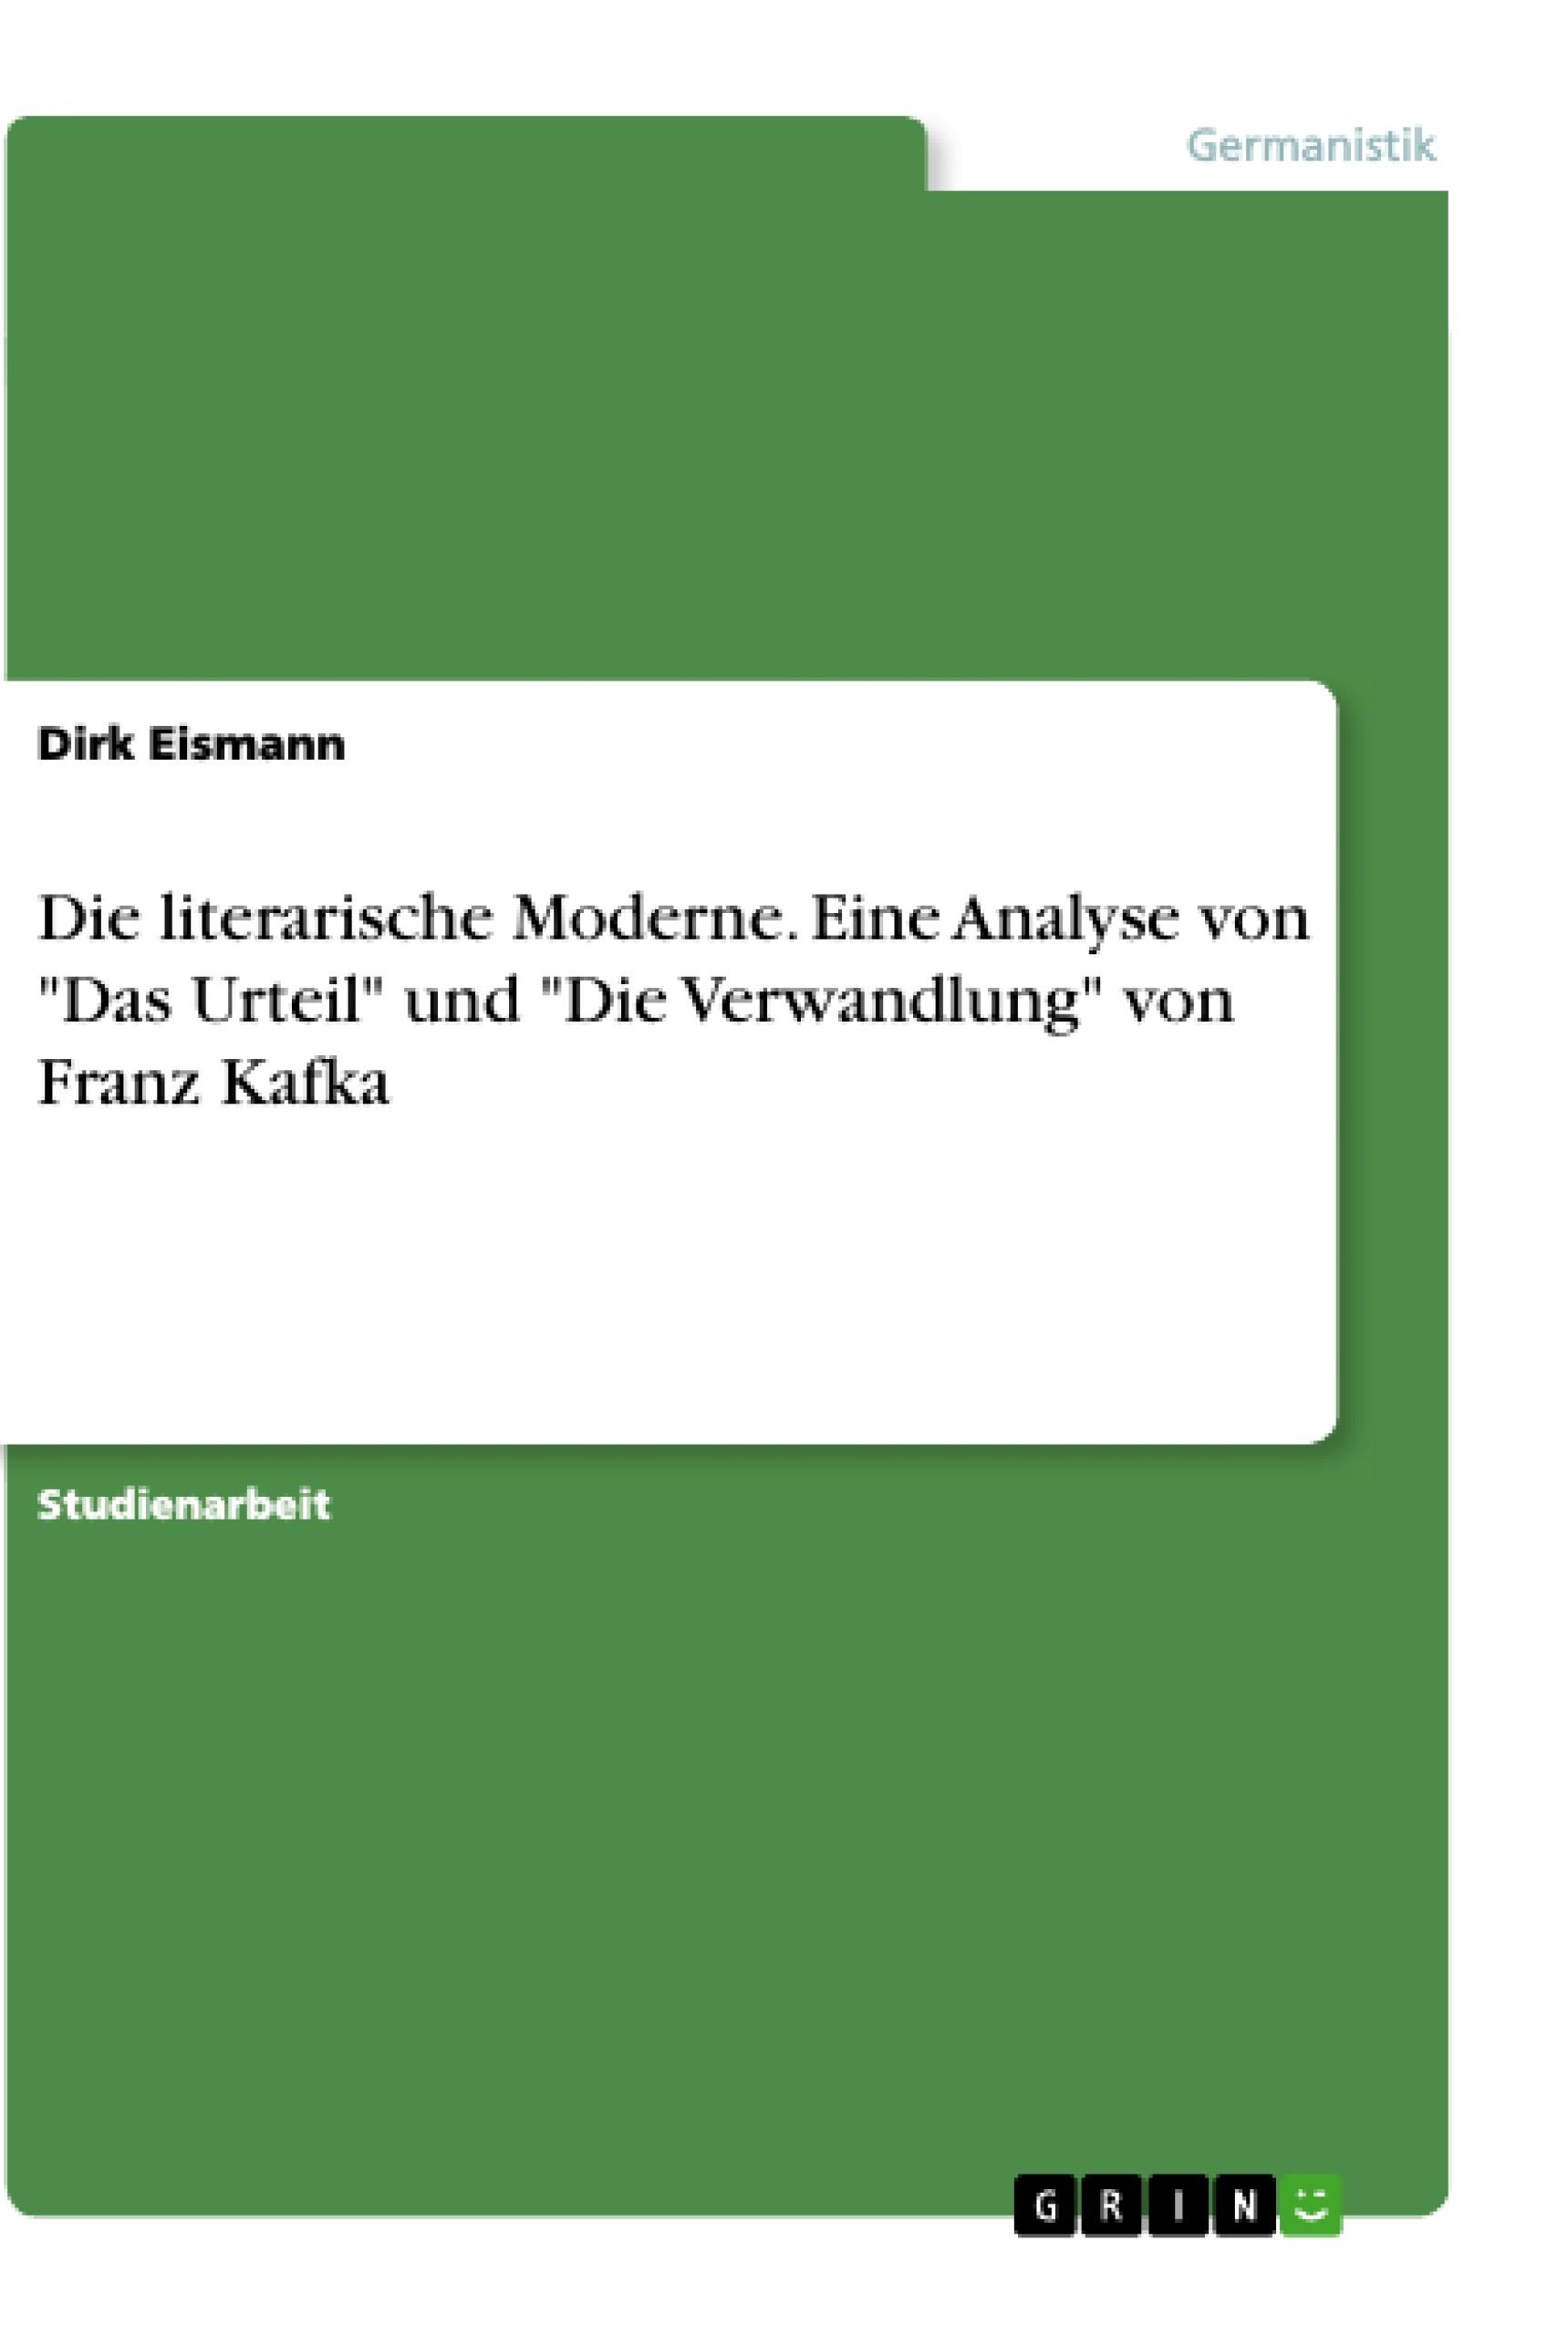 """Titel: Die literarische Moderne. Eine Analyse von """"Das Urteil"""" und """"Die Verwandlung"""" von Franz Kafka"""